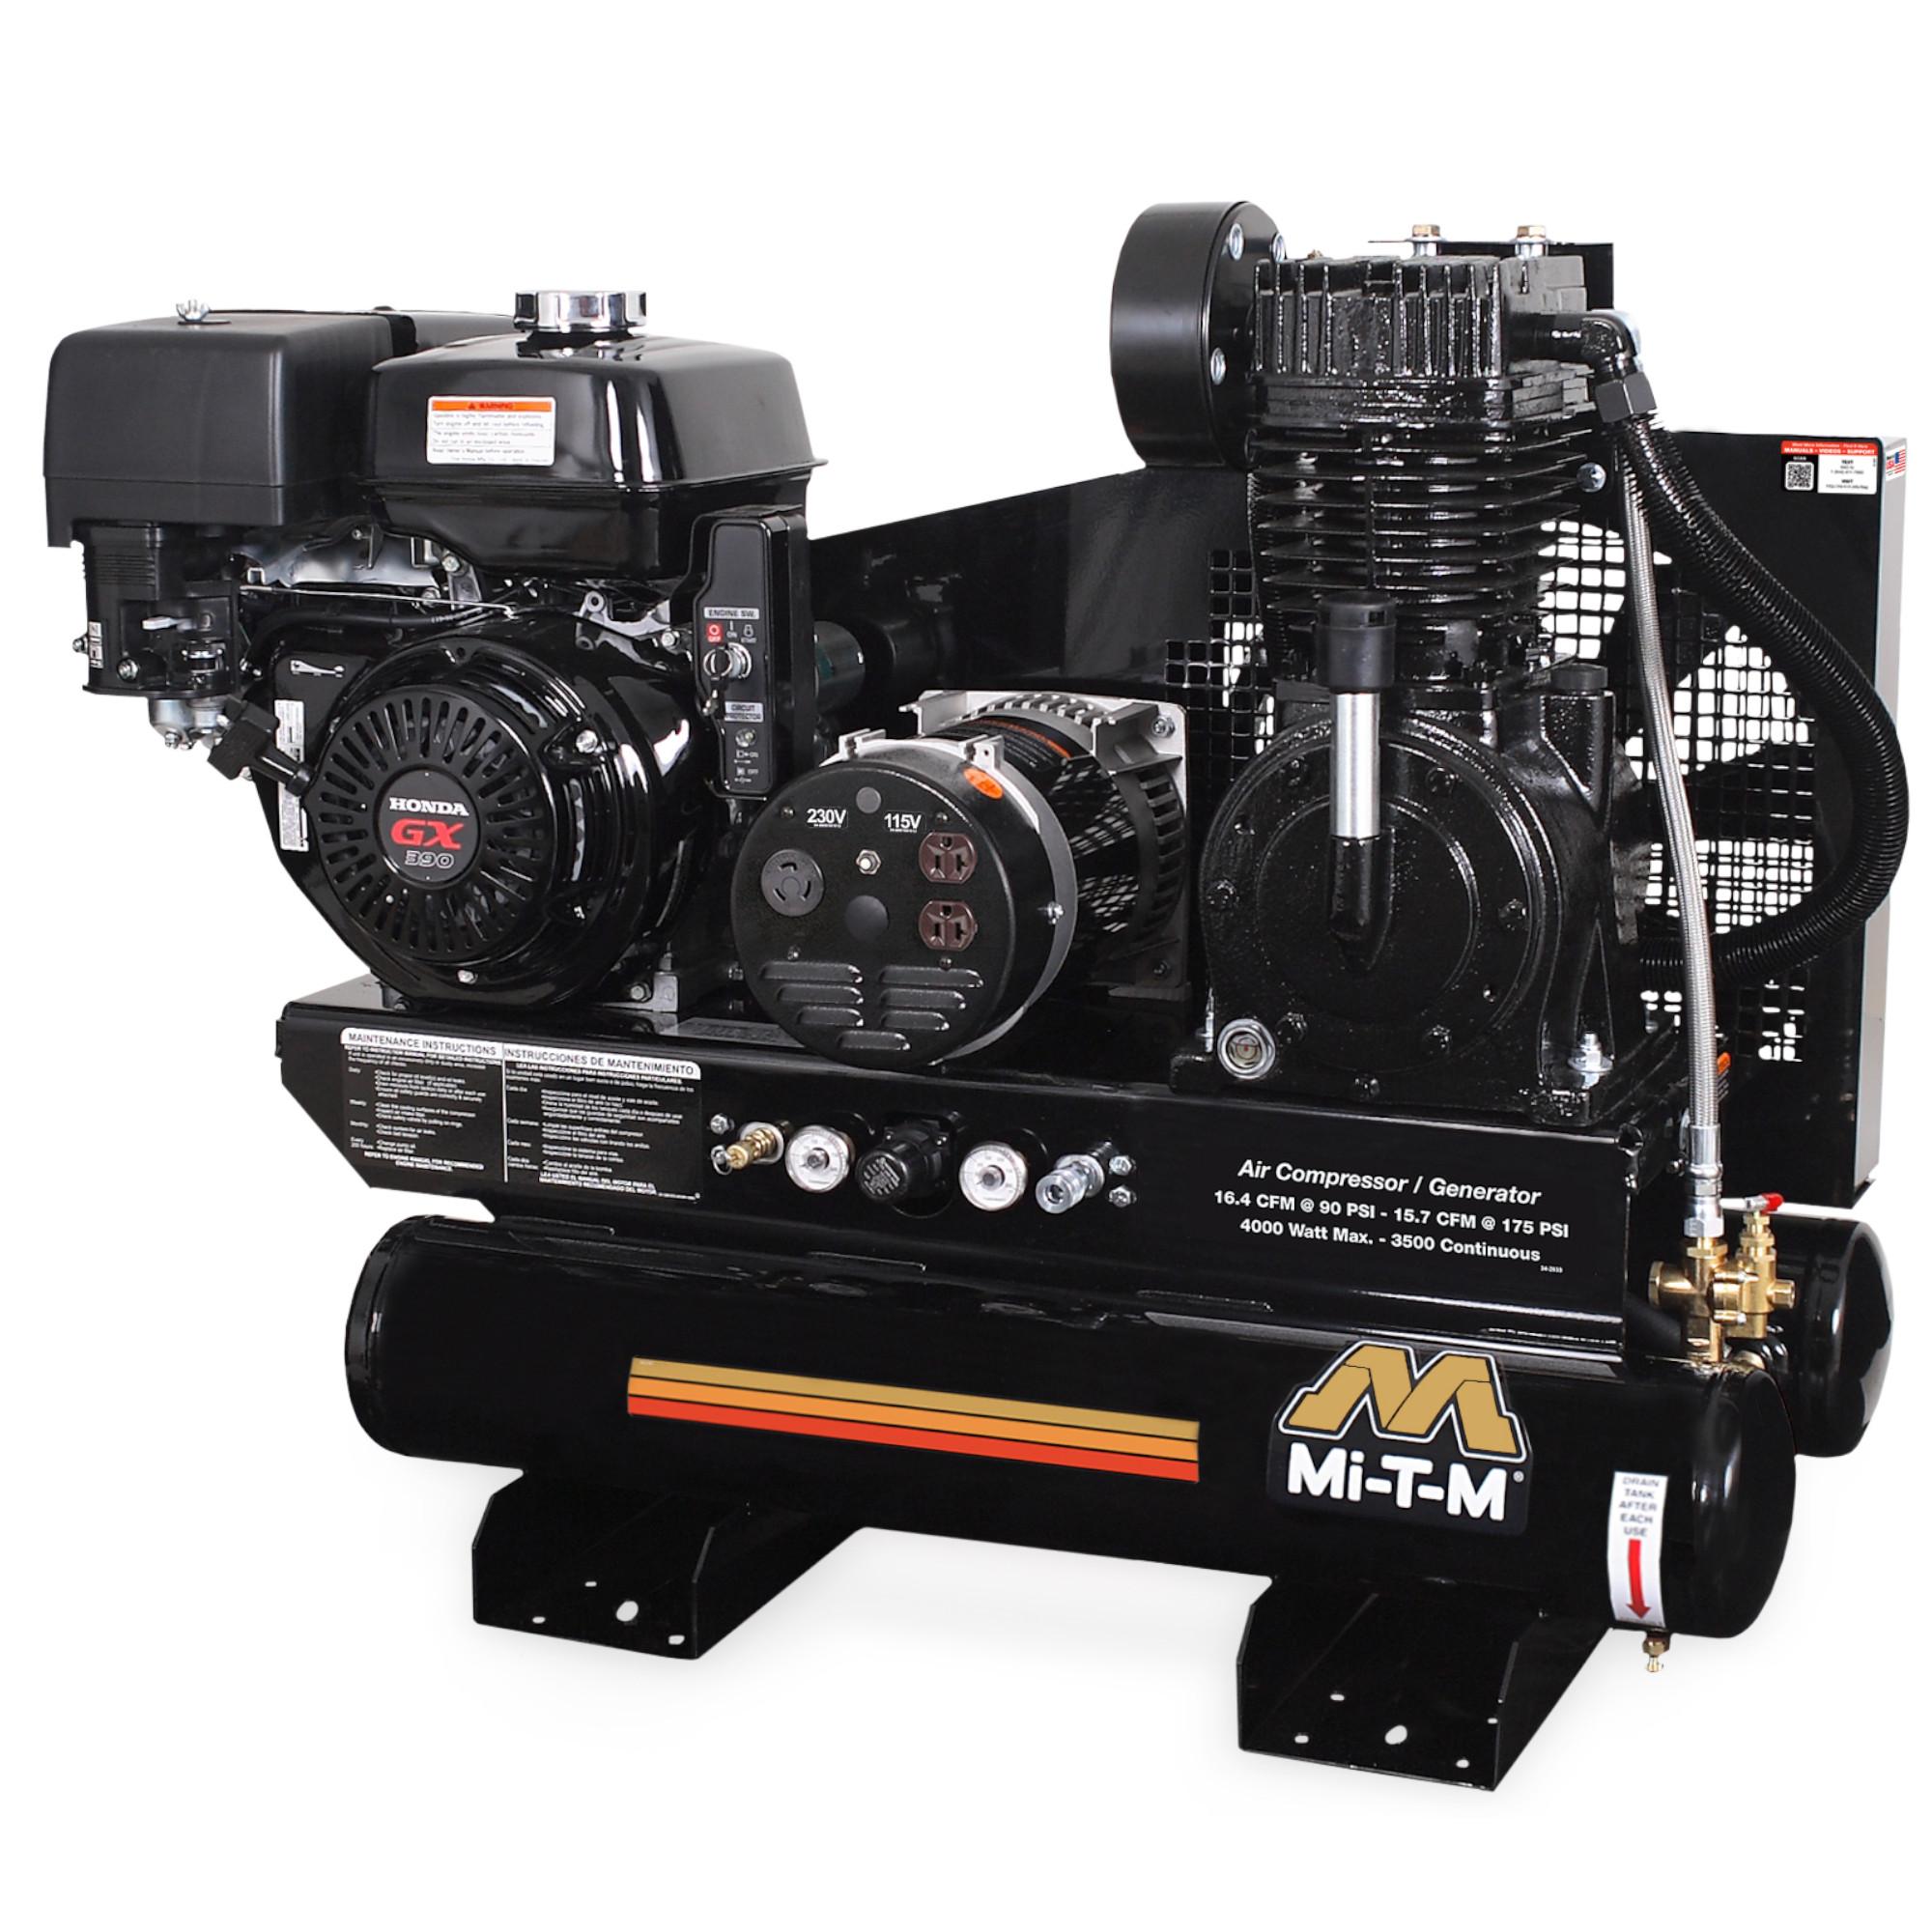 Compresseur-générateur (110V / 175PSI / 15,7CFM) - MIT-AG2-SH13-08M1 Image